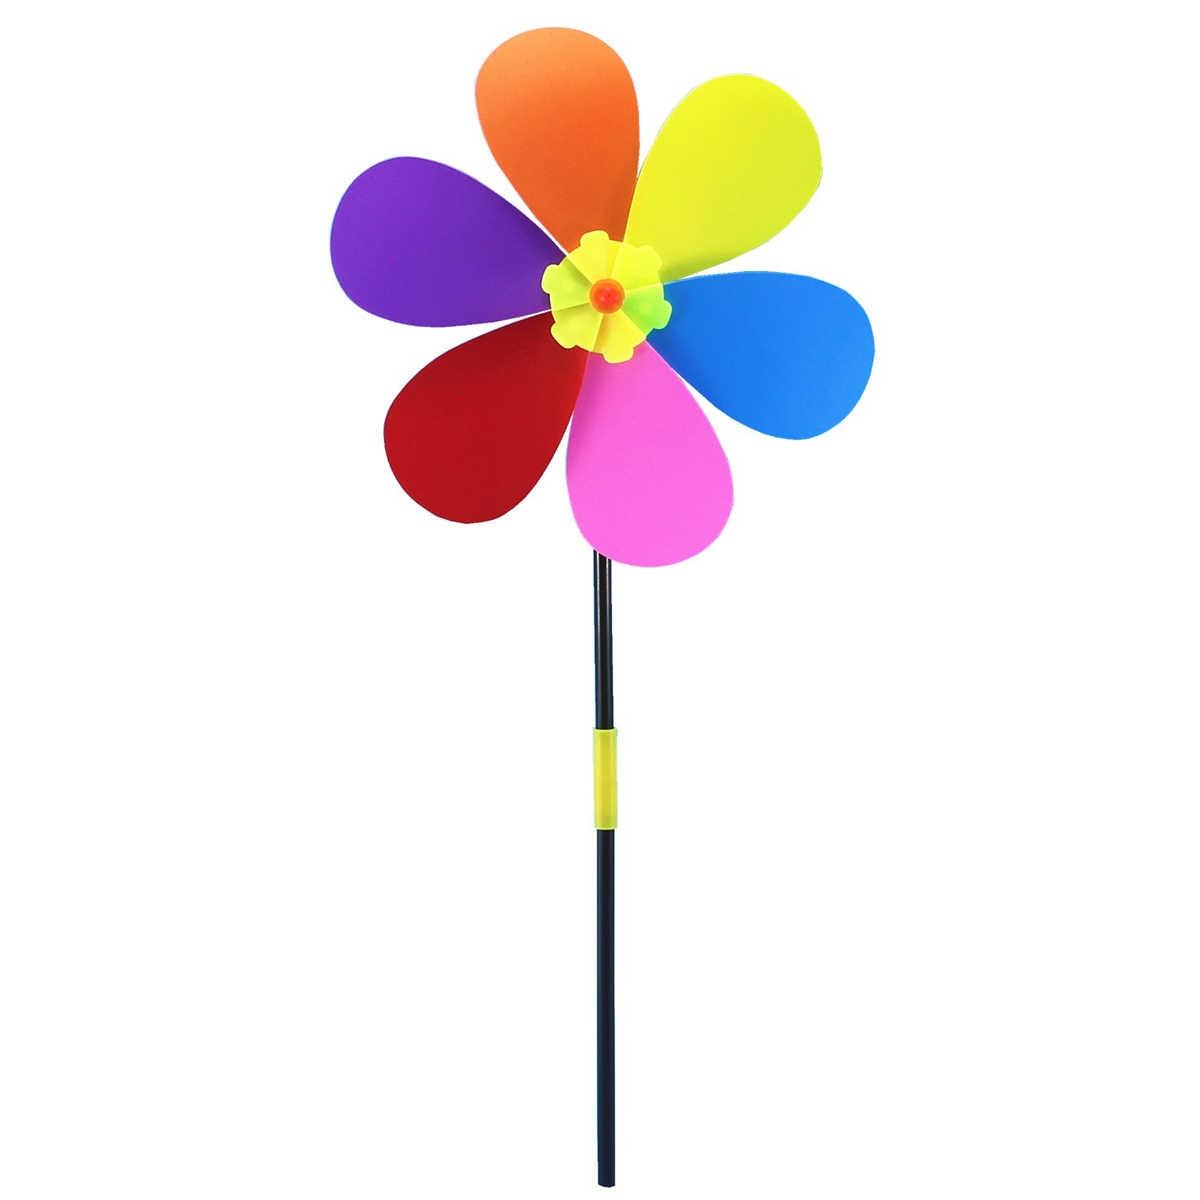 Цветок шесть лепестков Радужная ветряная мельница ветряная Вертушка для двора пастбища сада пинховик для украшения детская игрушка